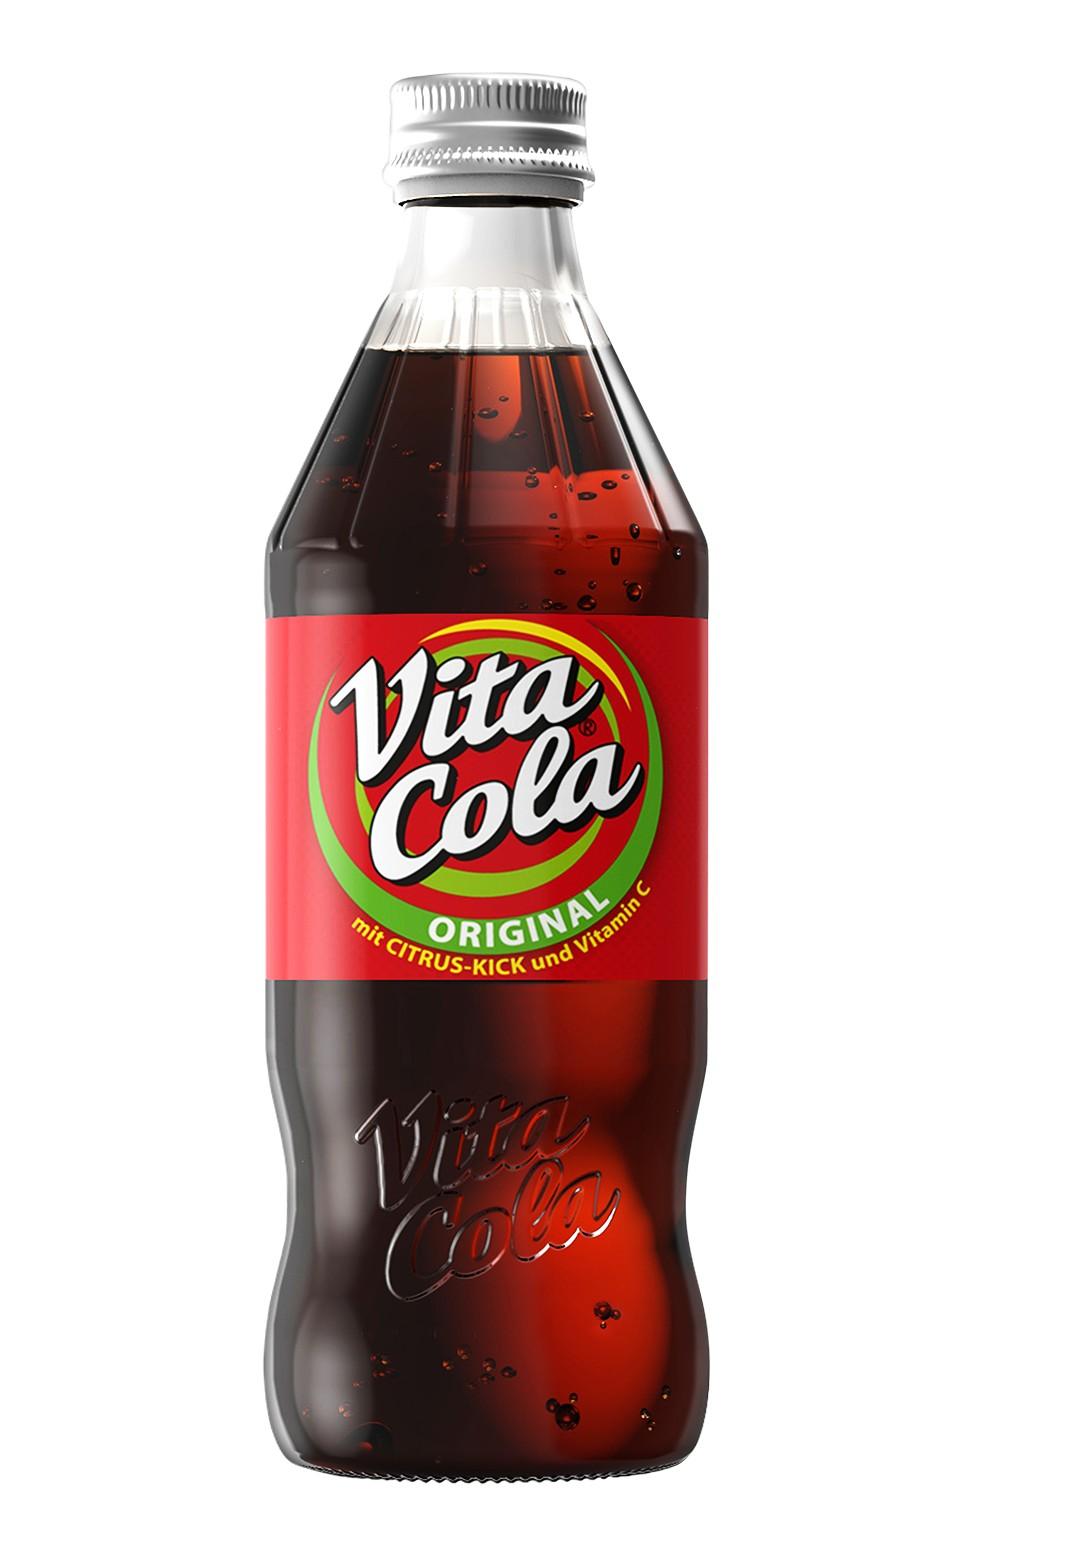 Ost Nachrichten & Osten News | Vita Cola Original in neuer 0,33 l Glasmehrwegflasche